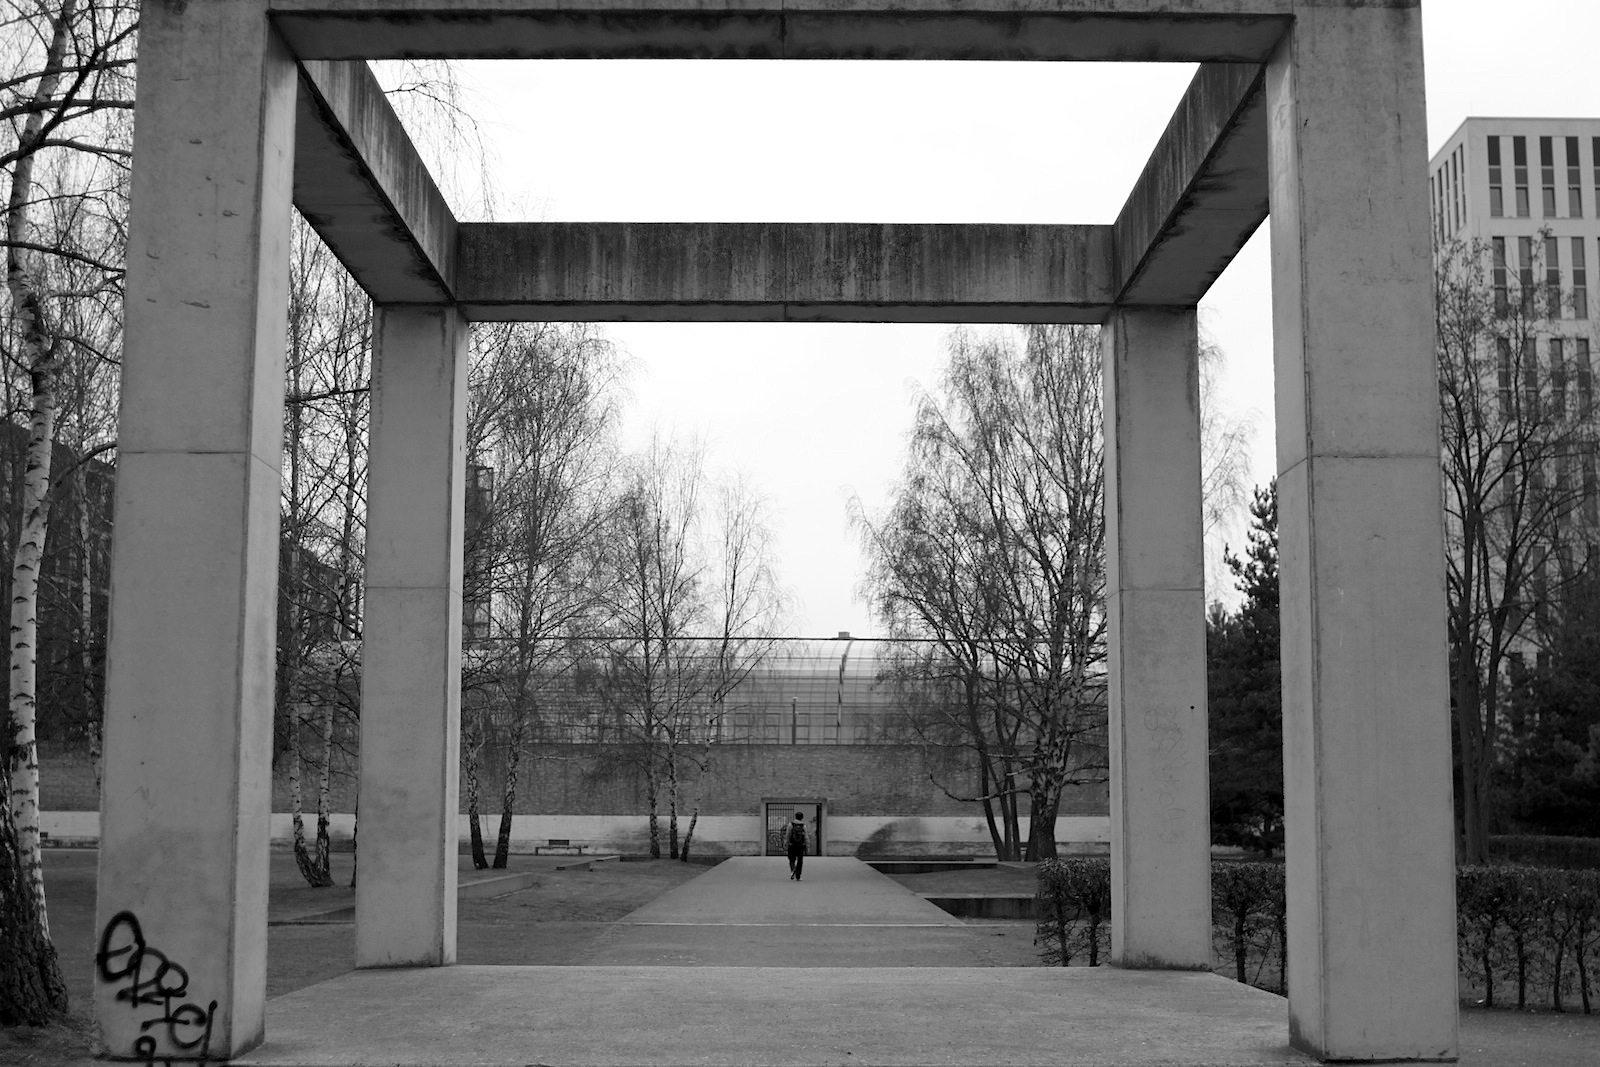 Geschichtsträchtig.  Auf dem Gelände des ehemaligen Zellengefängnisses Moabit entstand eine Parkanlage, die Gedenkort und Park für die Anwohner zugleich ist. Grundlage der Gestaltung war die Geschichte des Ortes seit dem Bau des Zellengefängnisses vor über 150 Jahren. Das Foto zeigt das Panoptikum, die würfelförmige Betonskulptur im Zentrum des Parks.